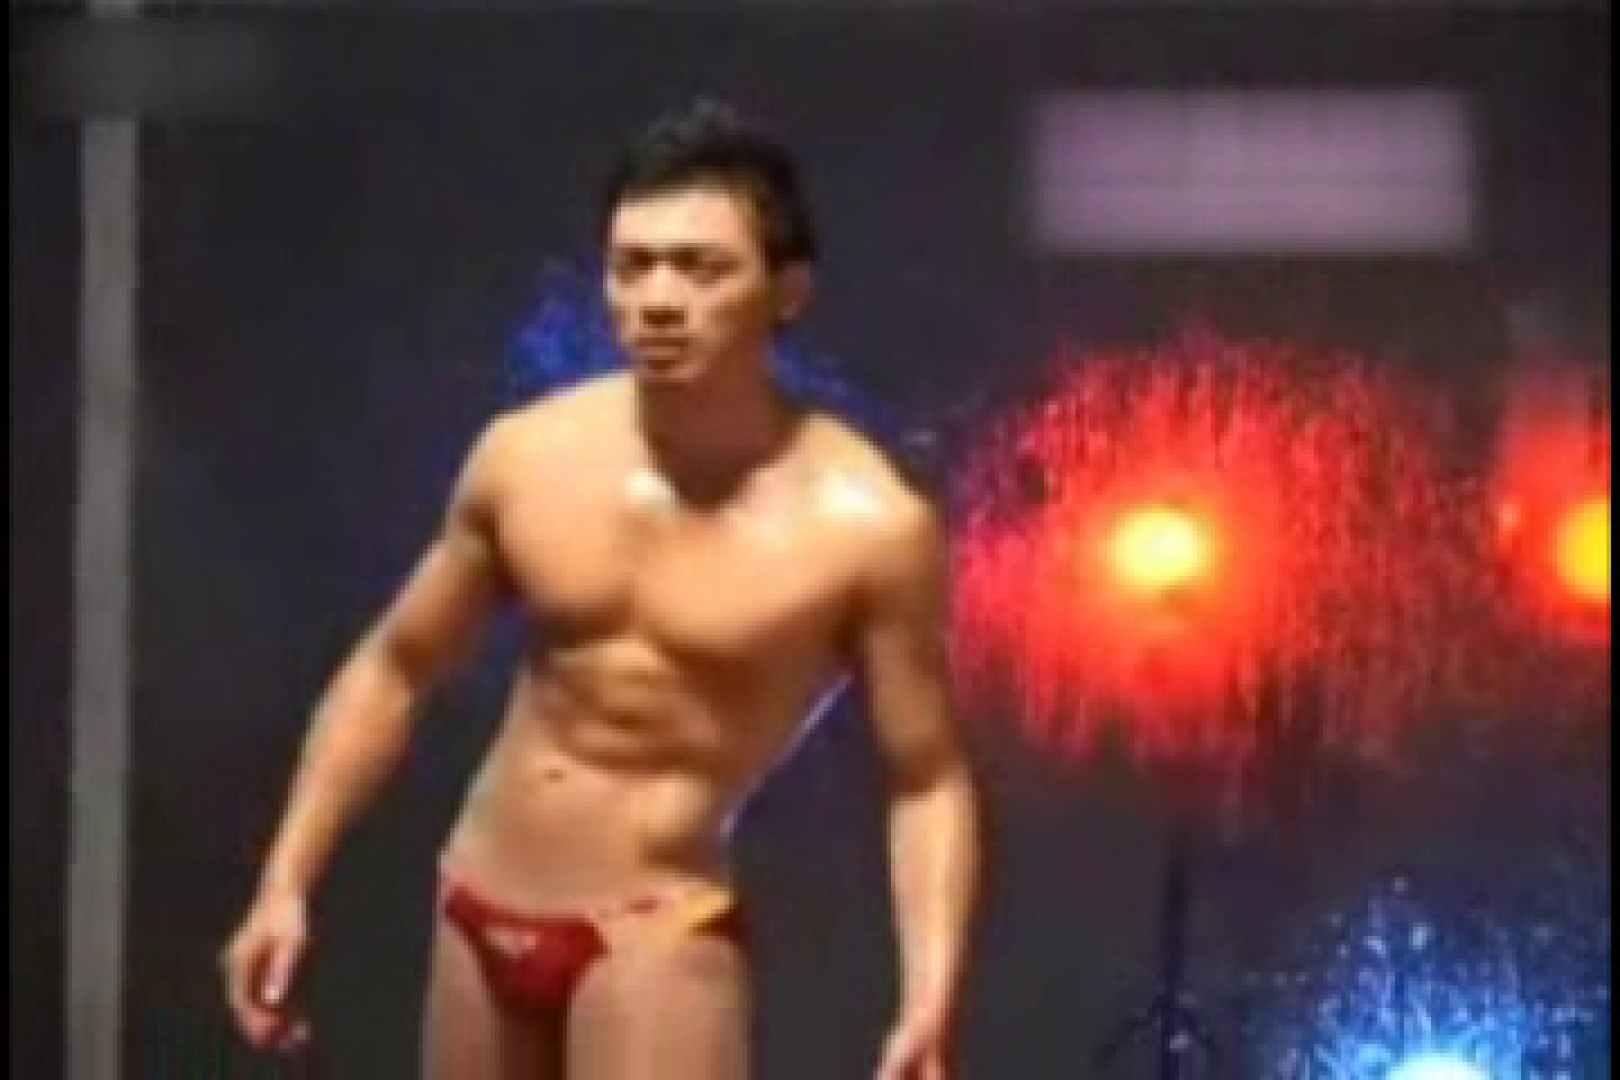 中出有名ゲイ雑誌★魅●生★付録DVD収録スーパーモデルヌードvol14 モデル ゲイセックス画像 112枚 30